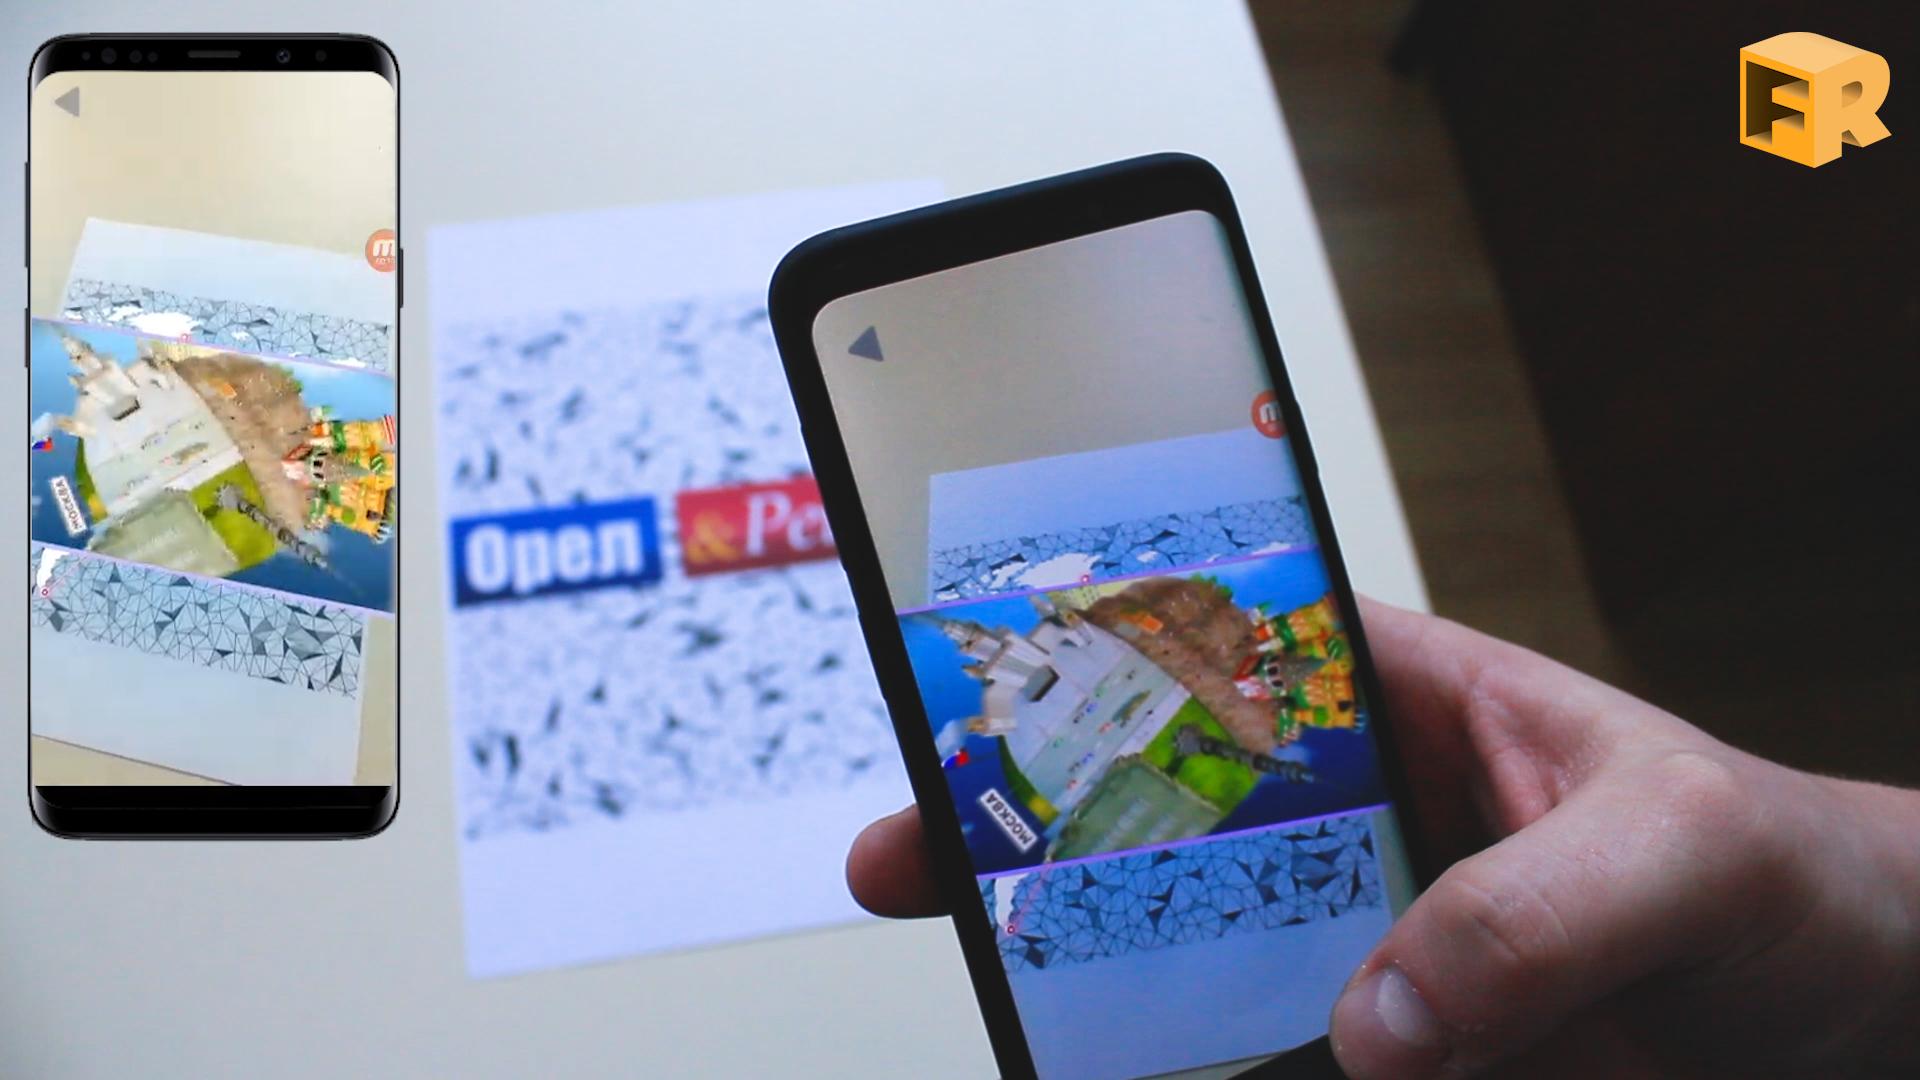 Разработка приложения «Орел и Решка»